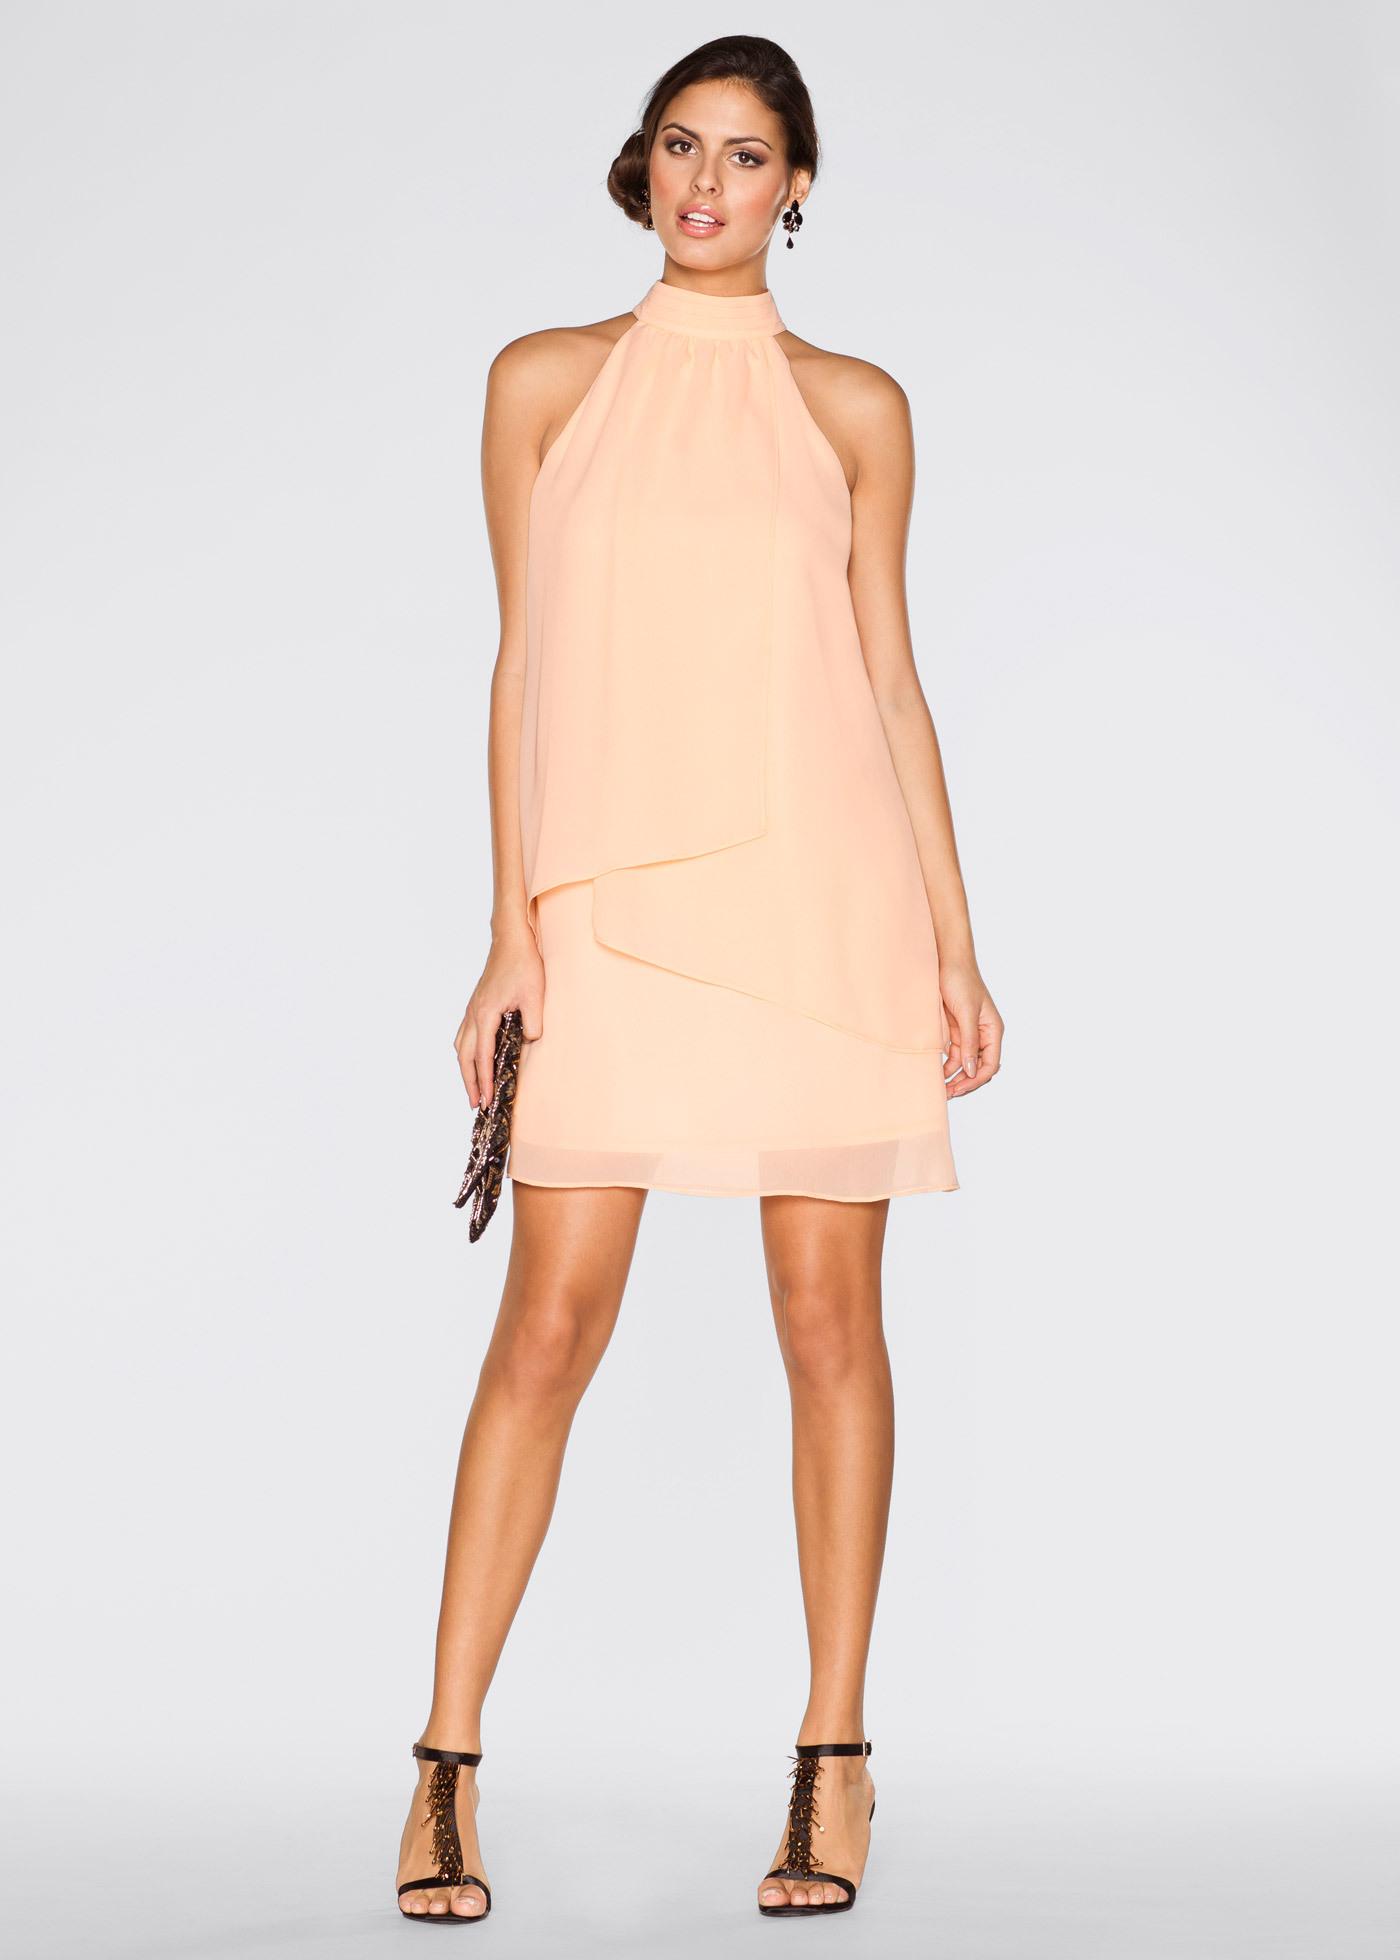 Bonprix Apricot Dress  Bojana Krsmanovic Related Images